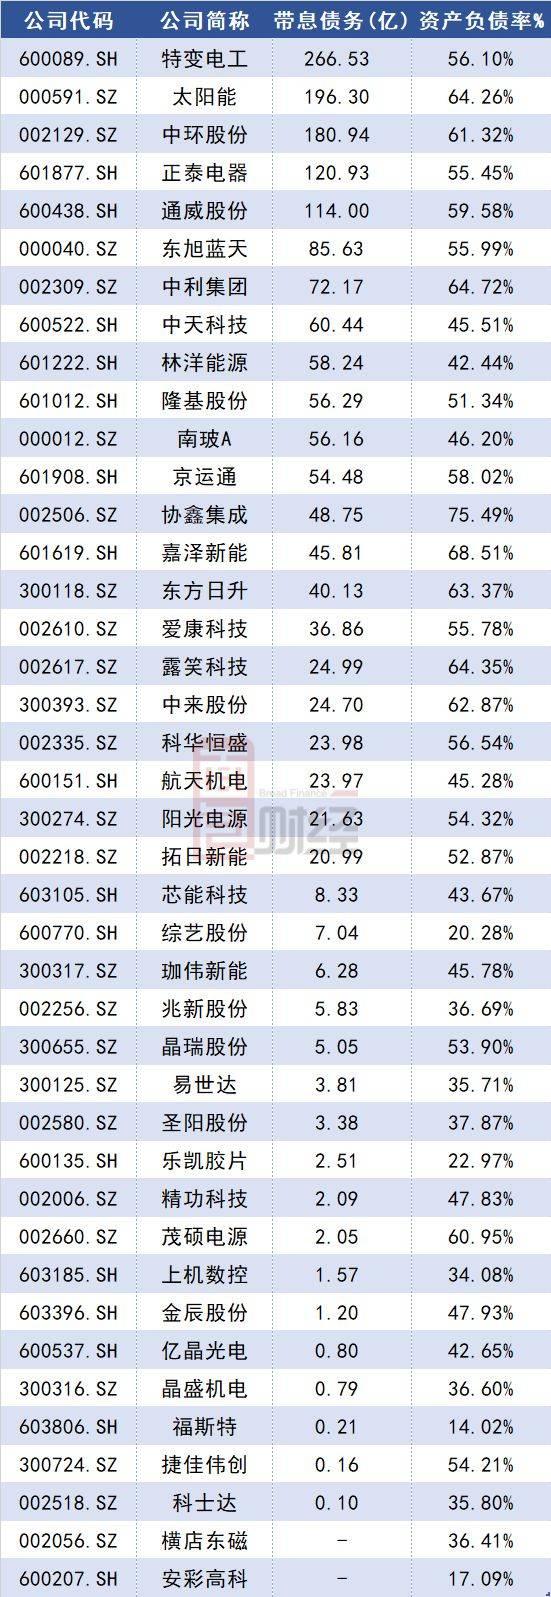 """金博娱乐场登陆地址·伪共享泡沫破灭  新租赁经济""""接棒""""起跑"""